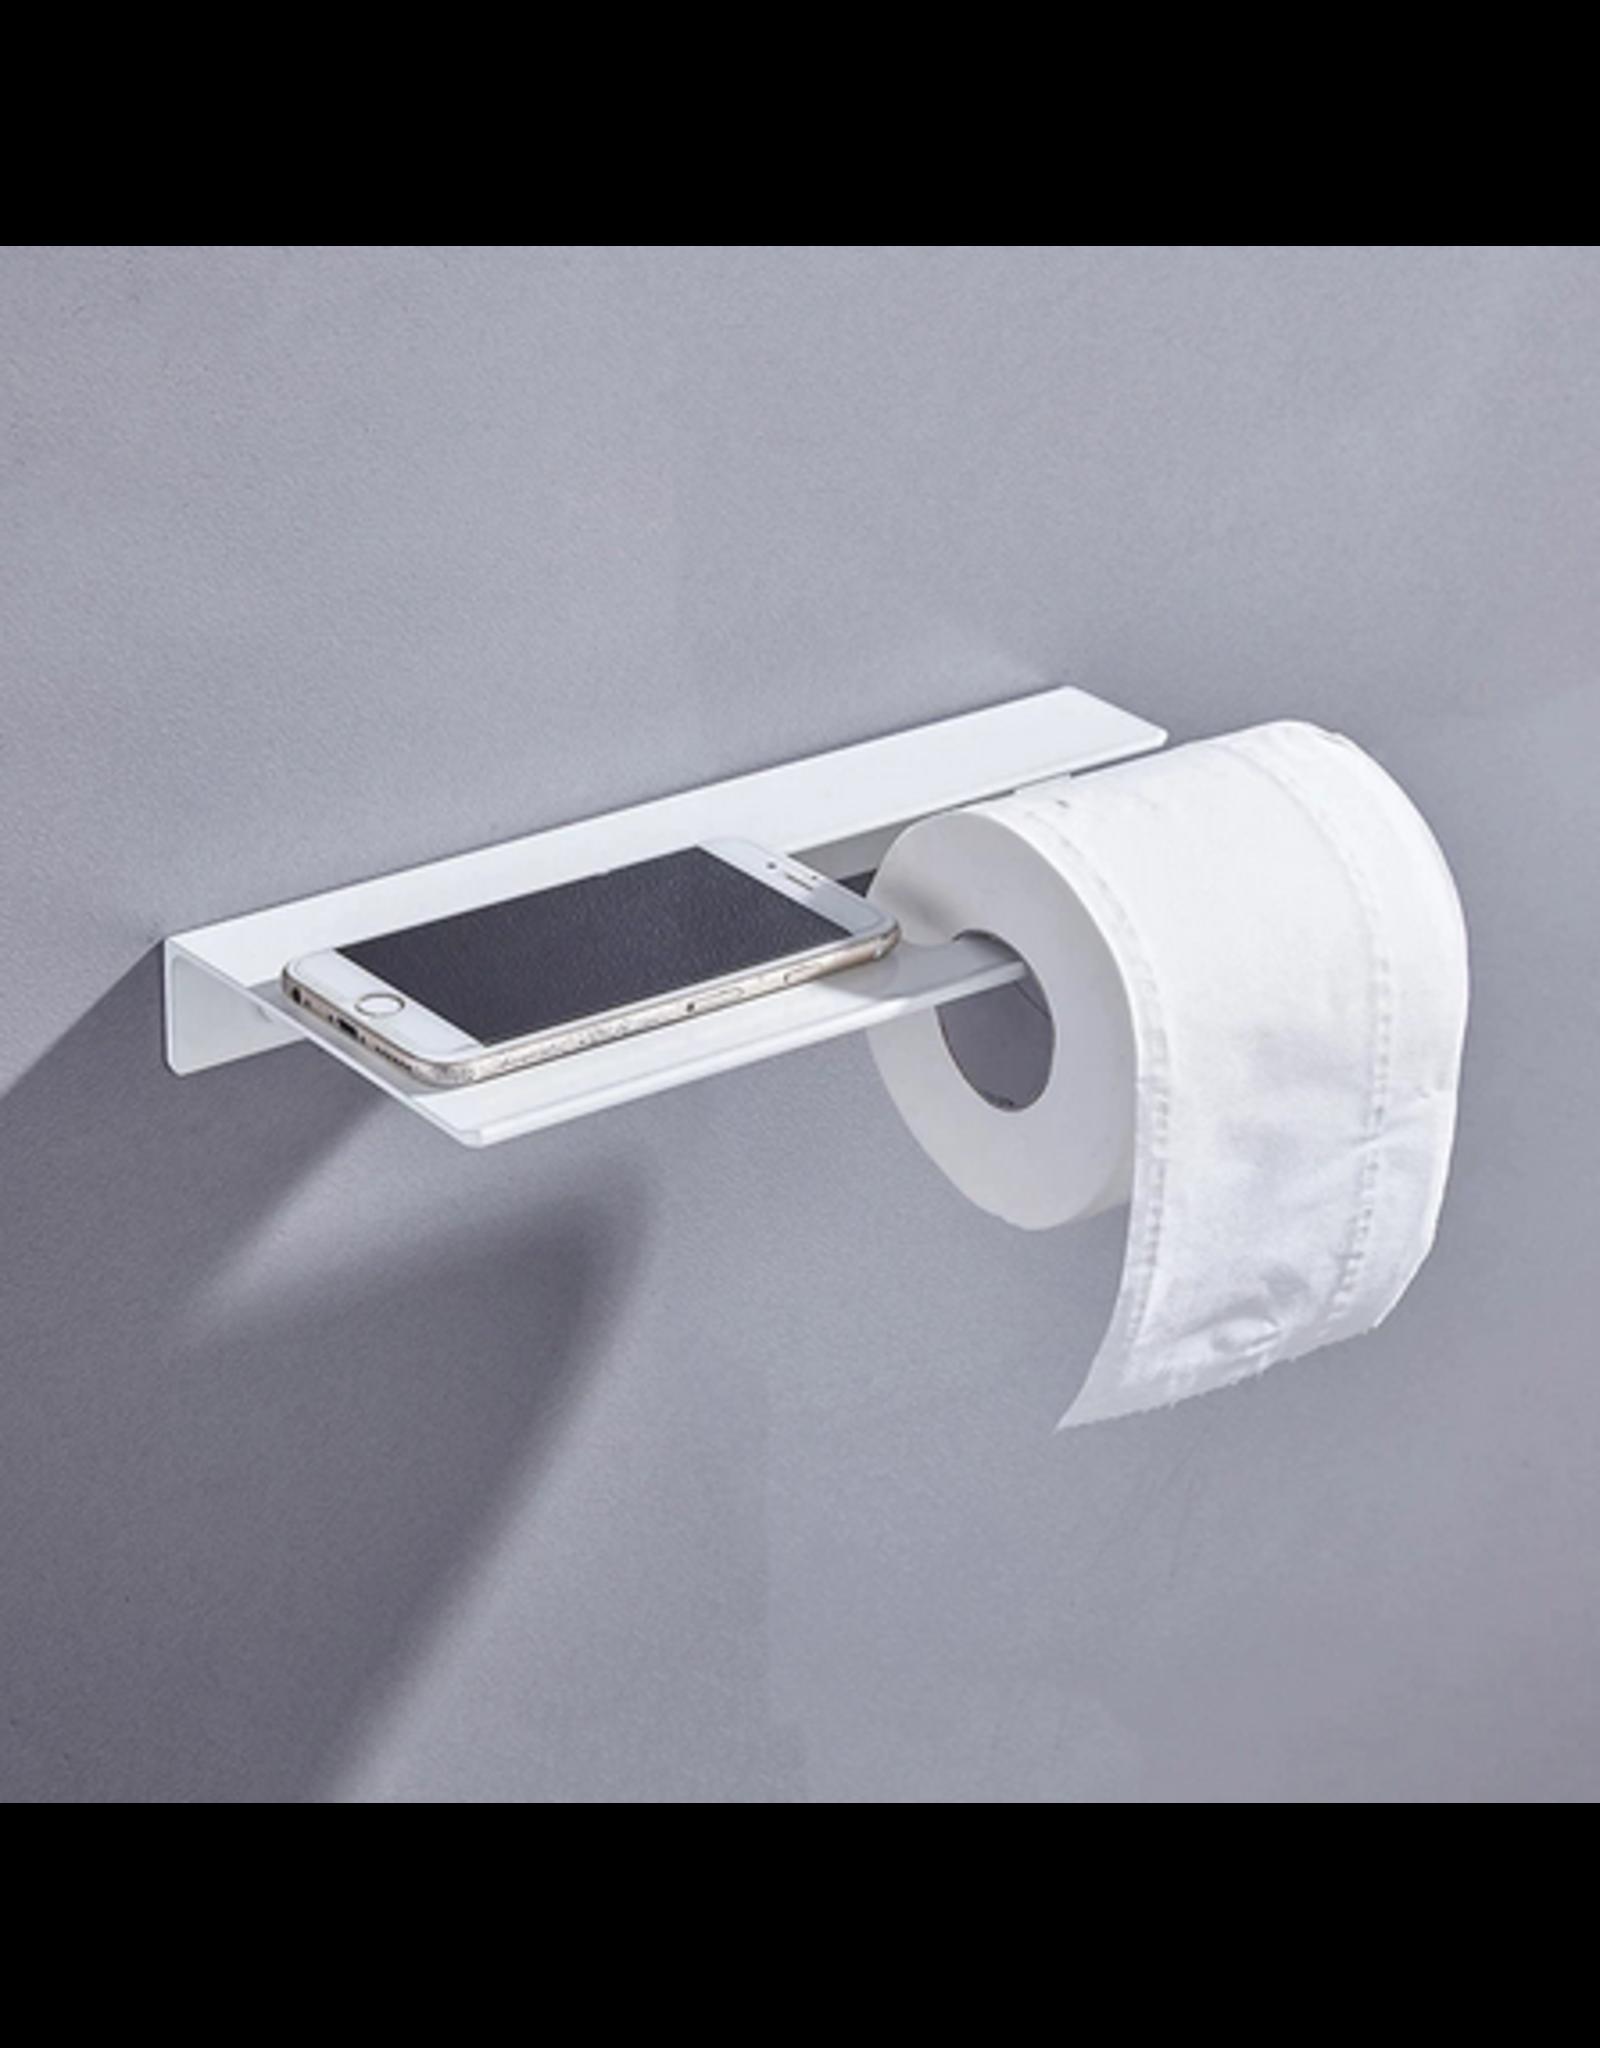 CoshX® CoshX® Toiletrolhouder met legplankje / telefoonplankje - Handoekrekje met plankje in 1 wit